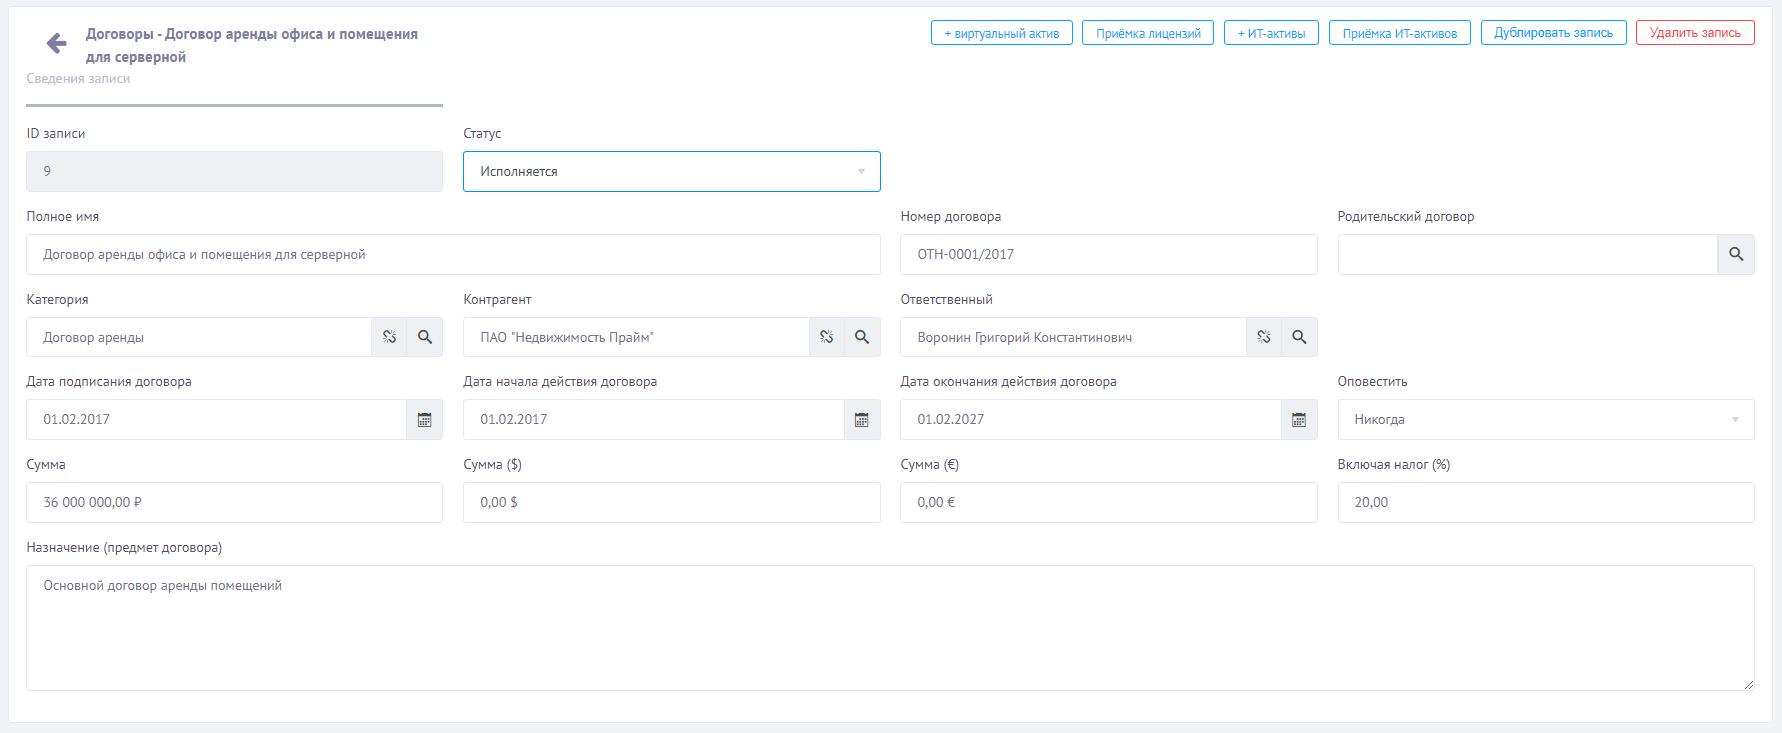 Форма контратка в интерфейсе системы